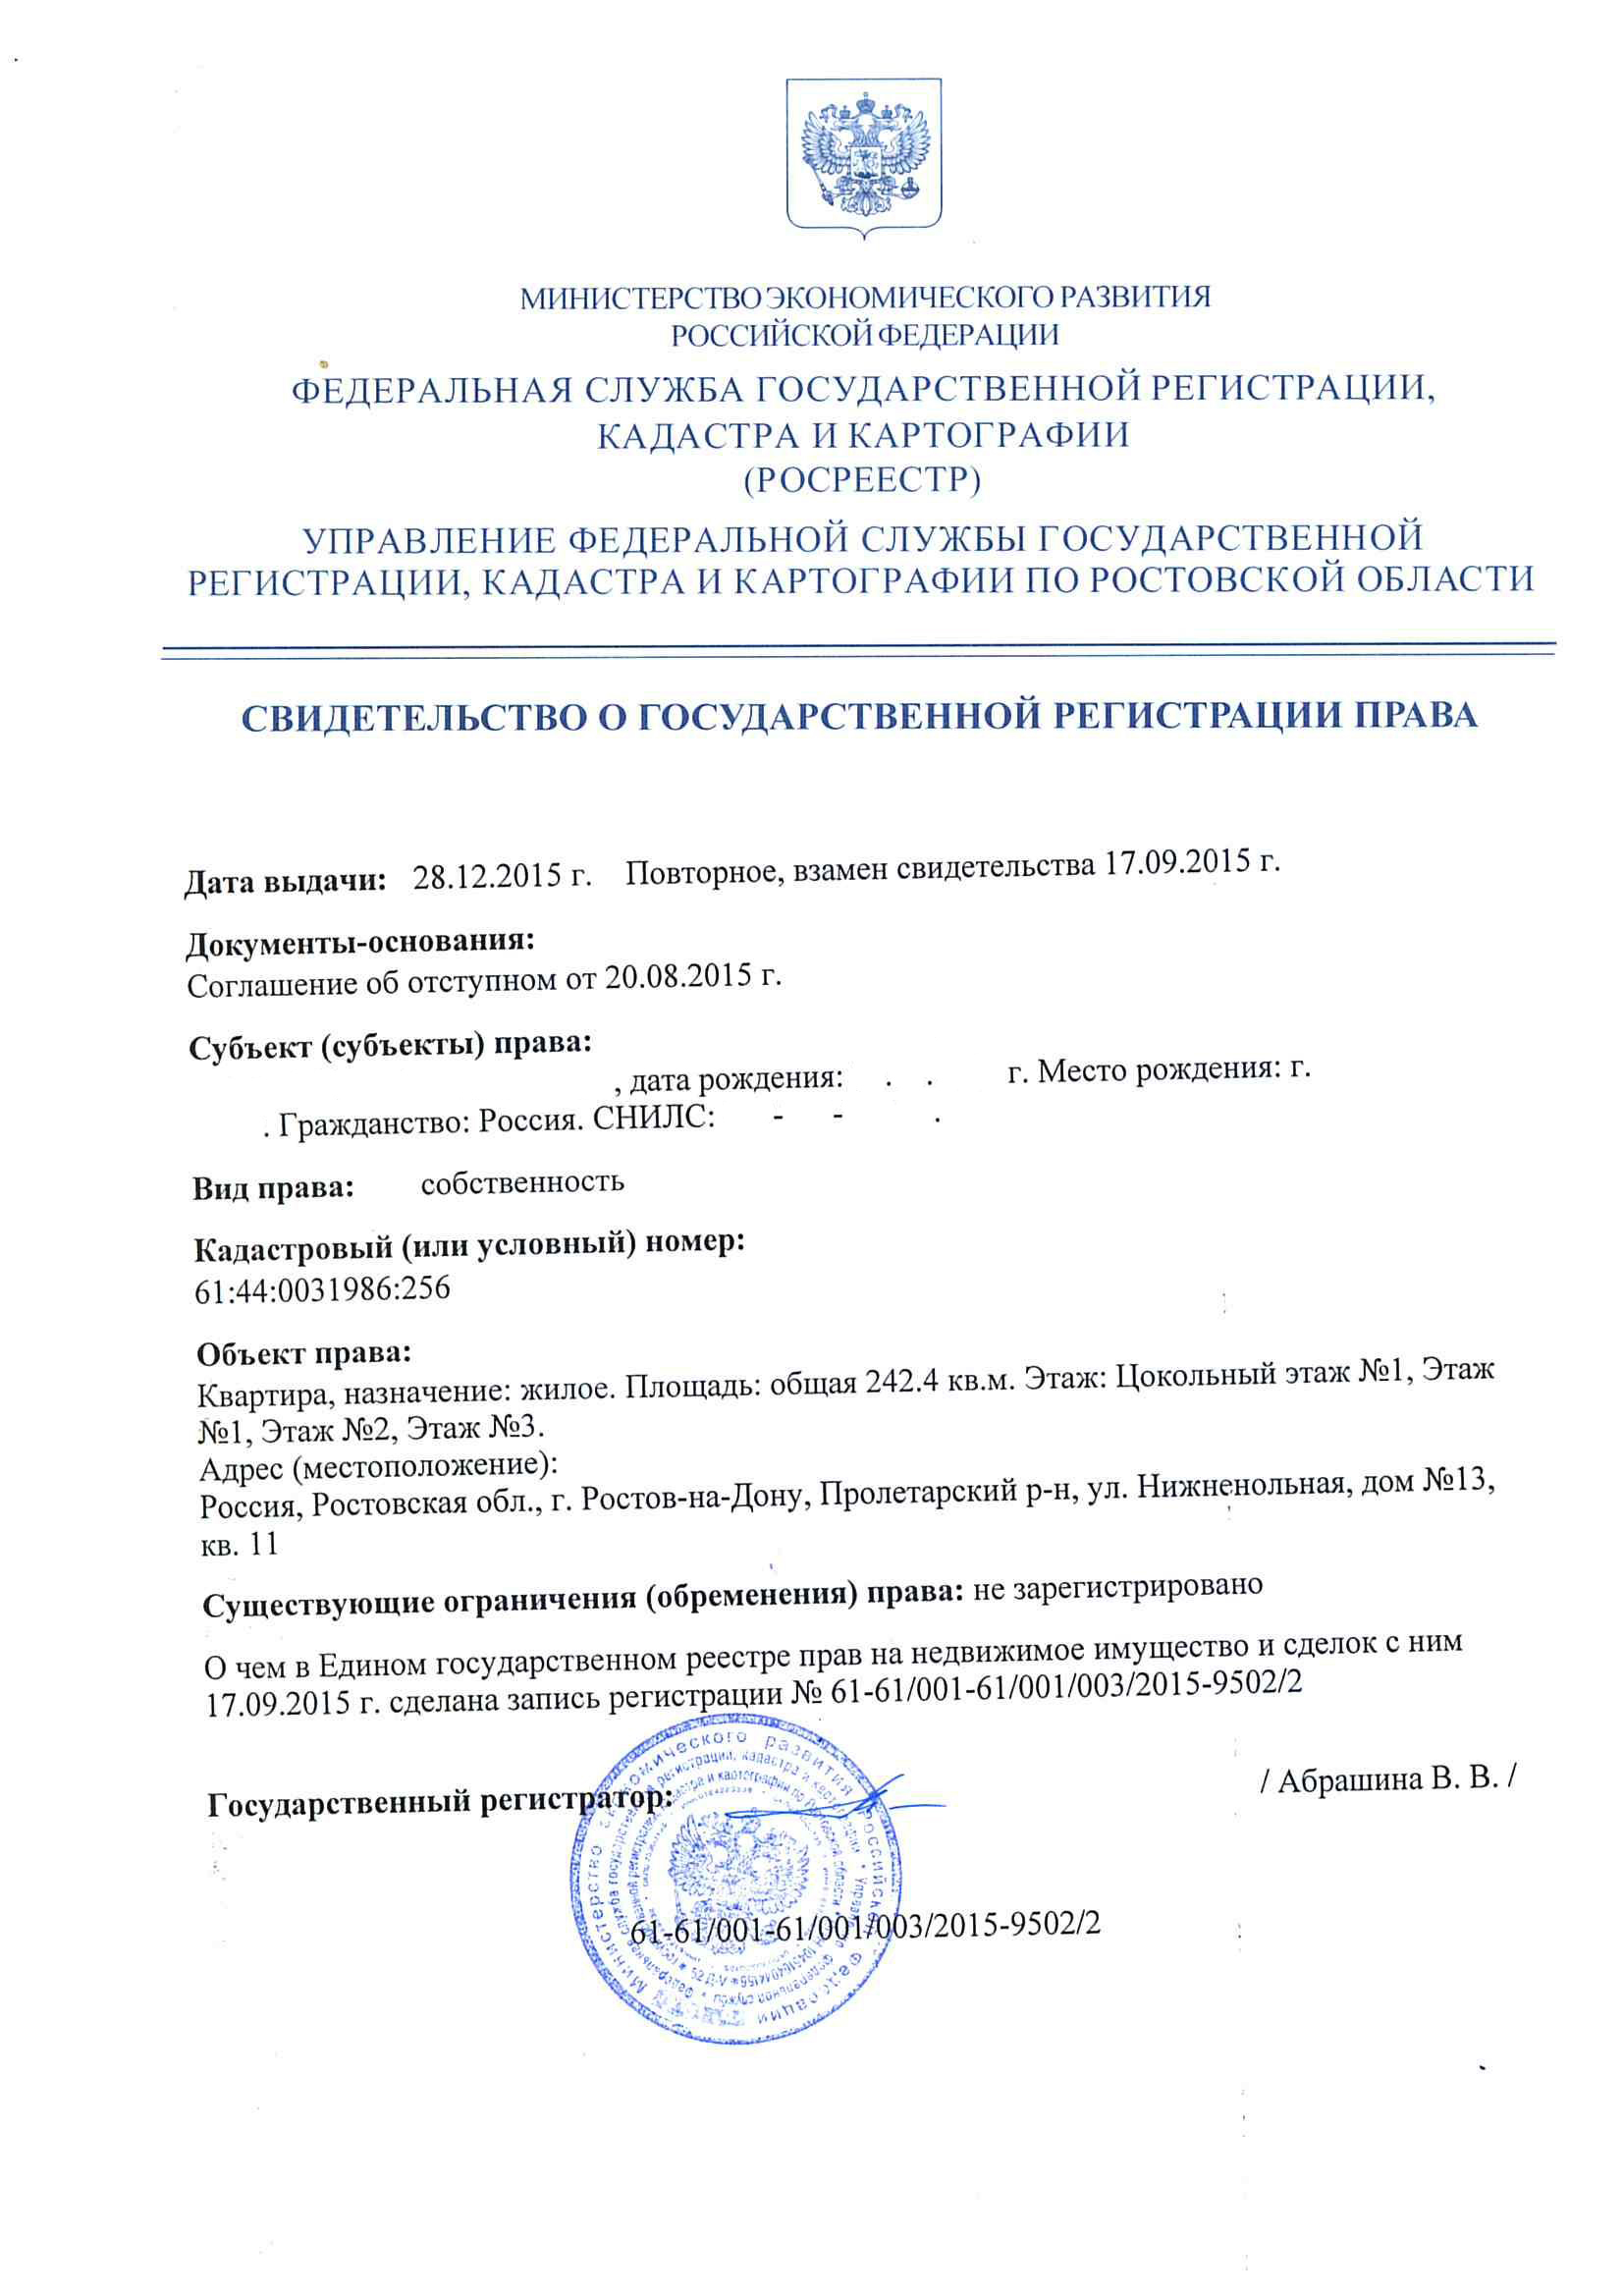 Свидетельство о гос регистрации квартира 11